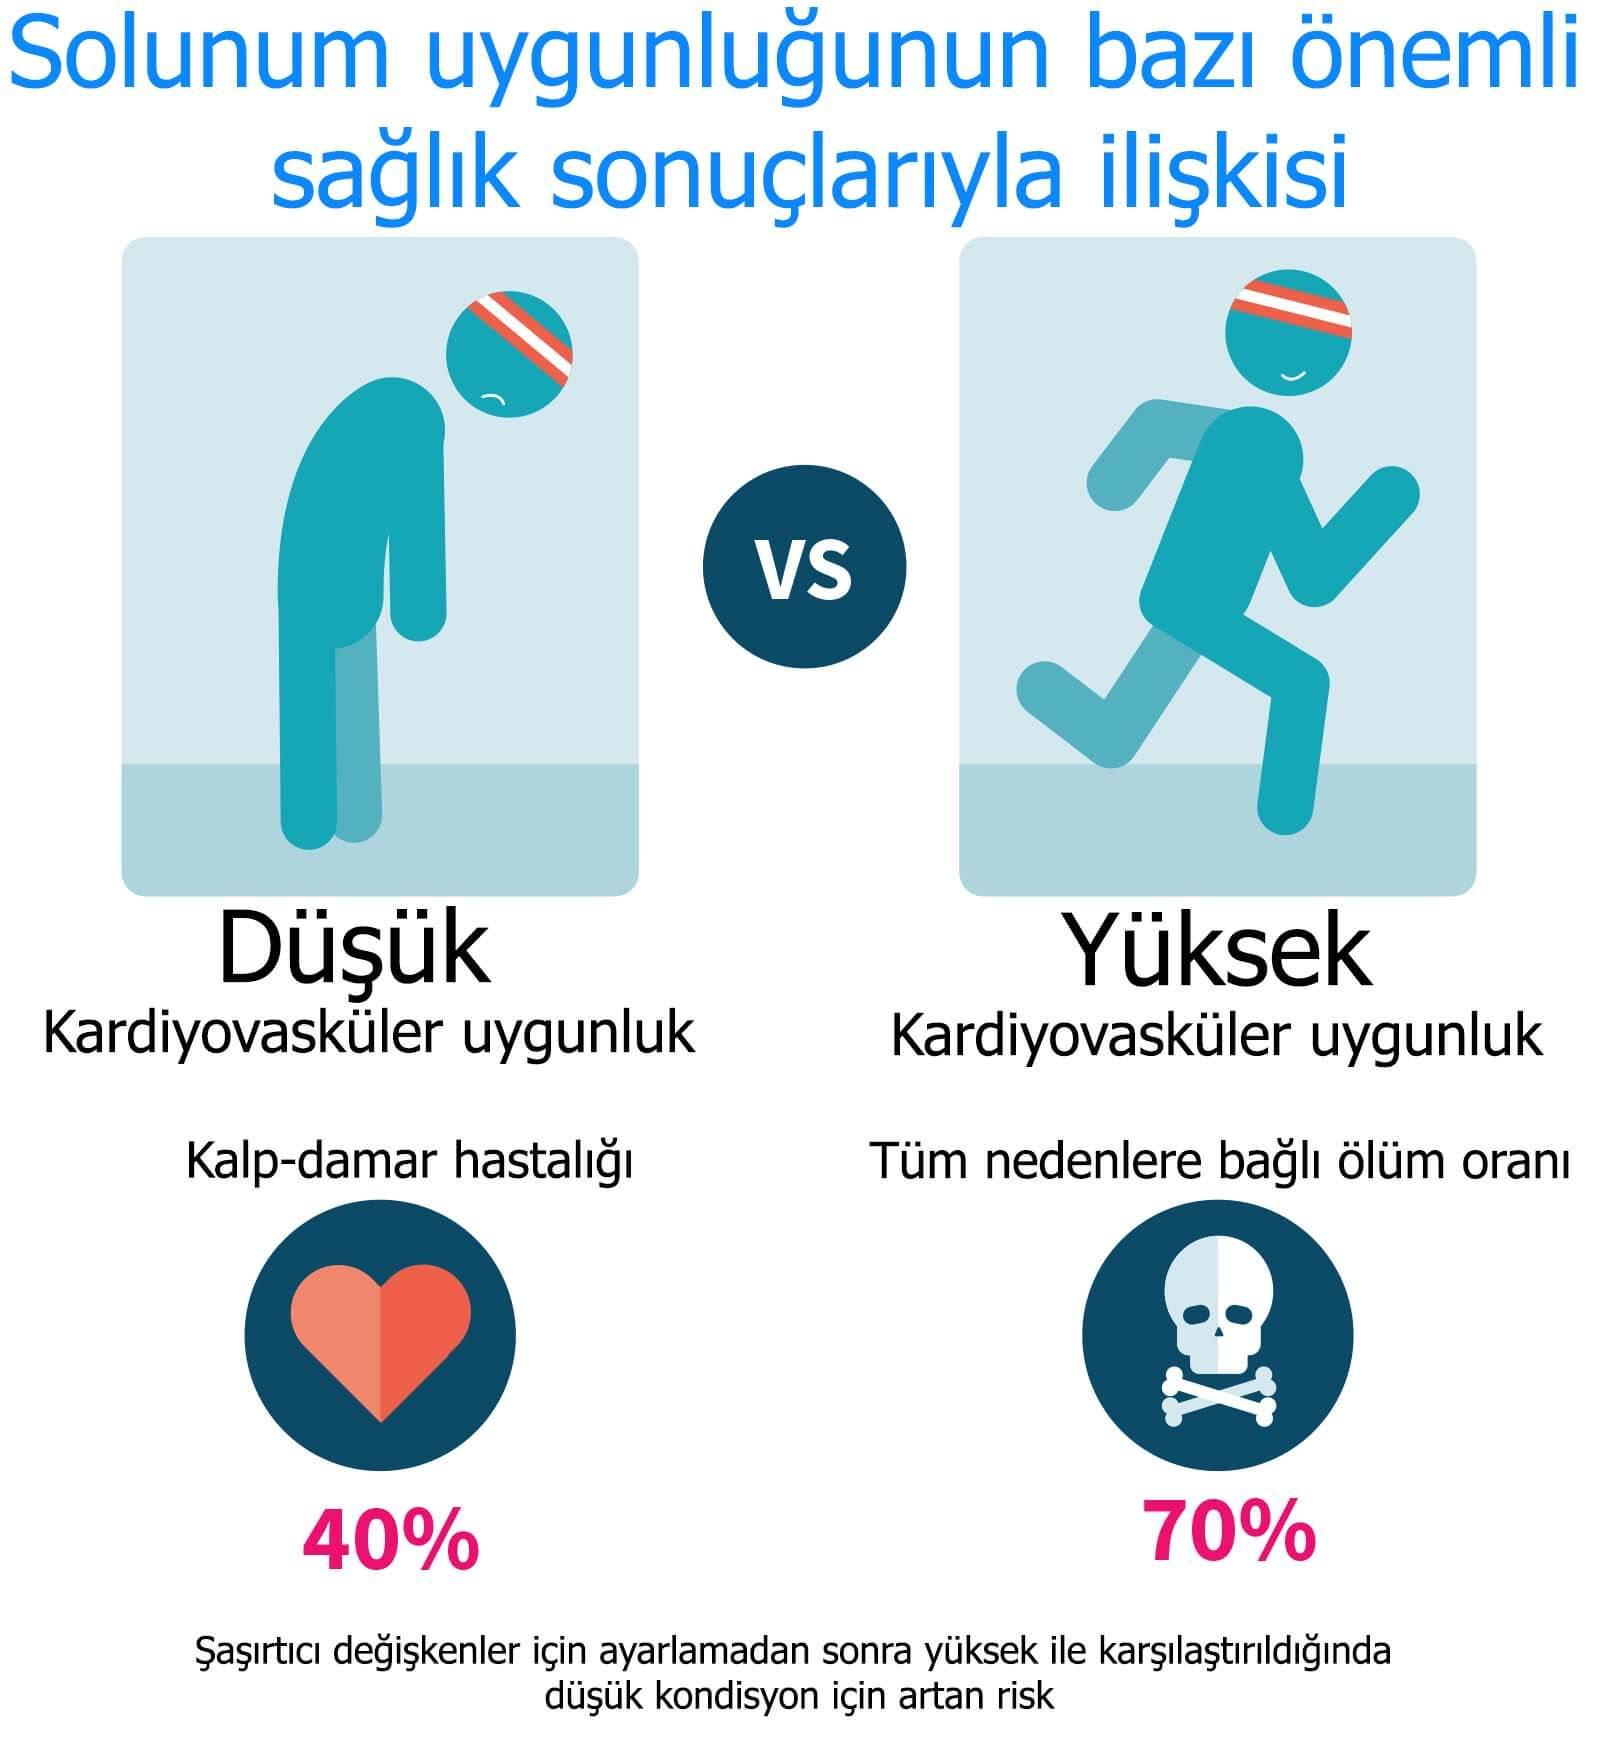 Solunum uygunluğunun bazı önemli sağlık sonuçlarıyla ilişkisi